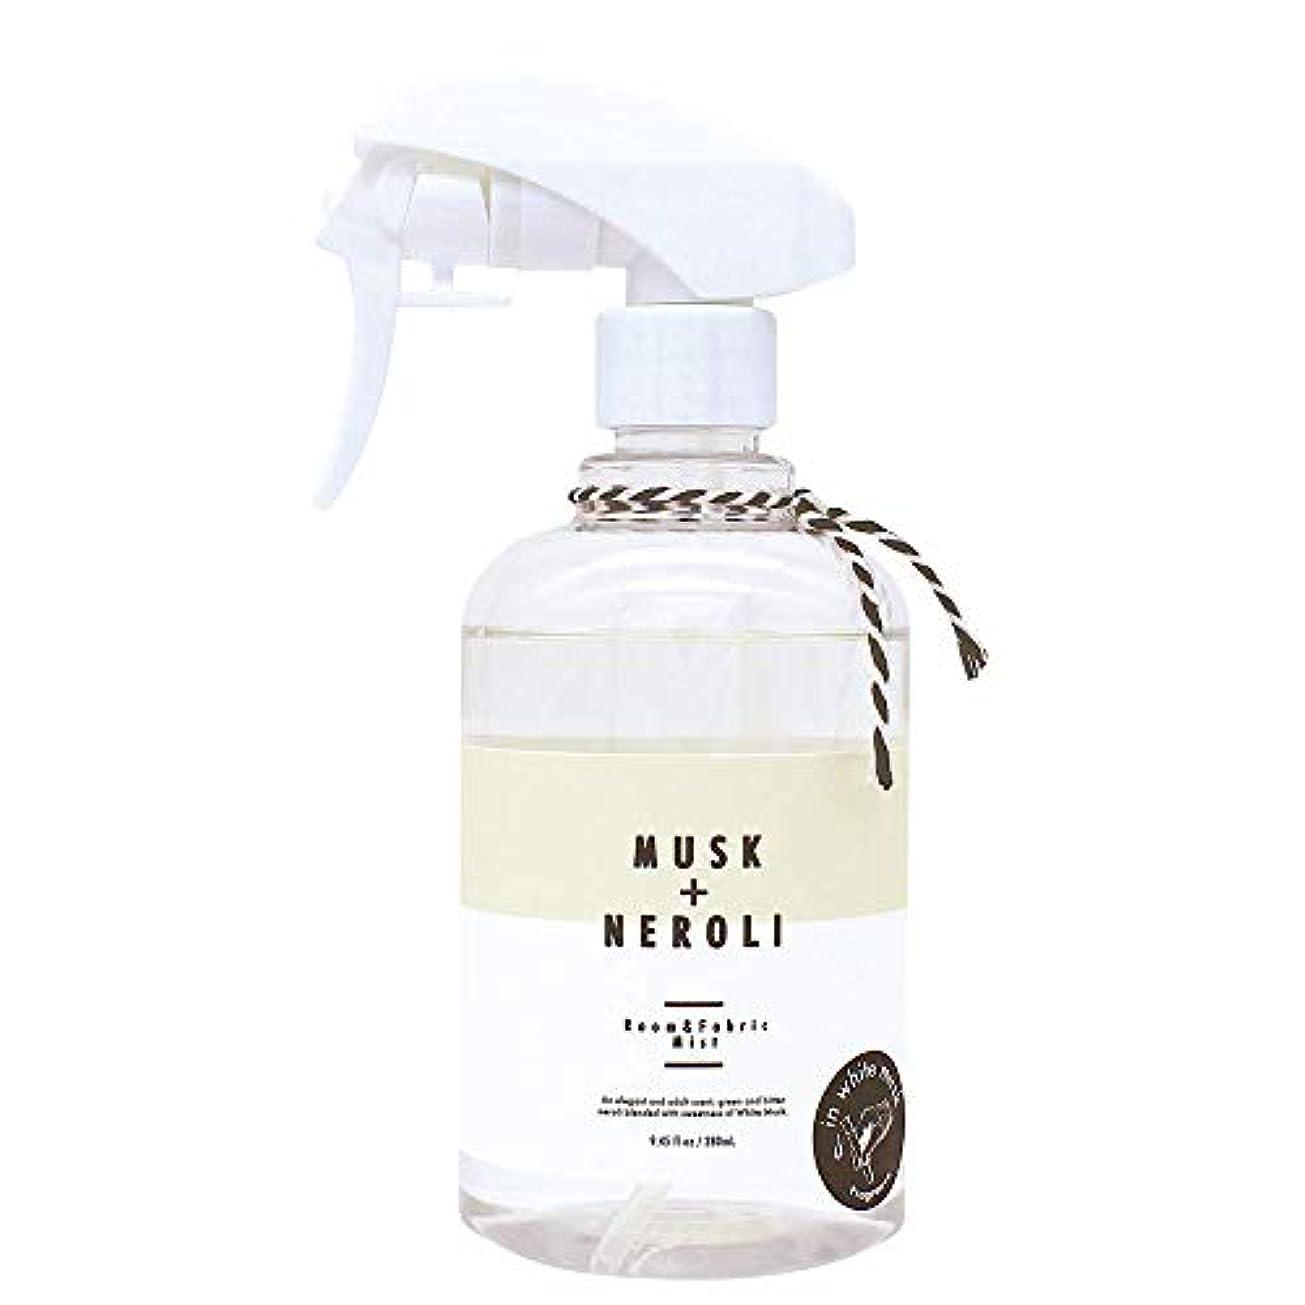 ノルコーポレーション ルーム&ファブリックミスト more room 消臭成分配合 ホワイトムスク & ネロリの香り 280ml MRM-3-3